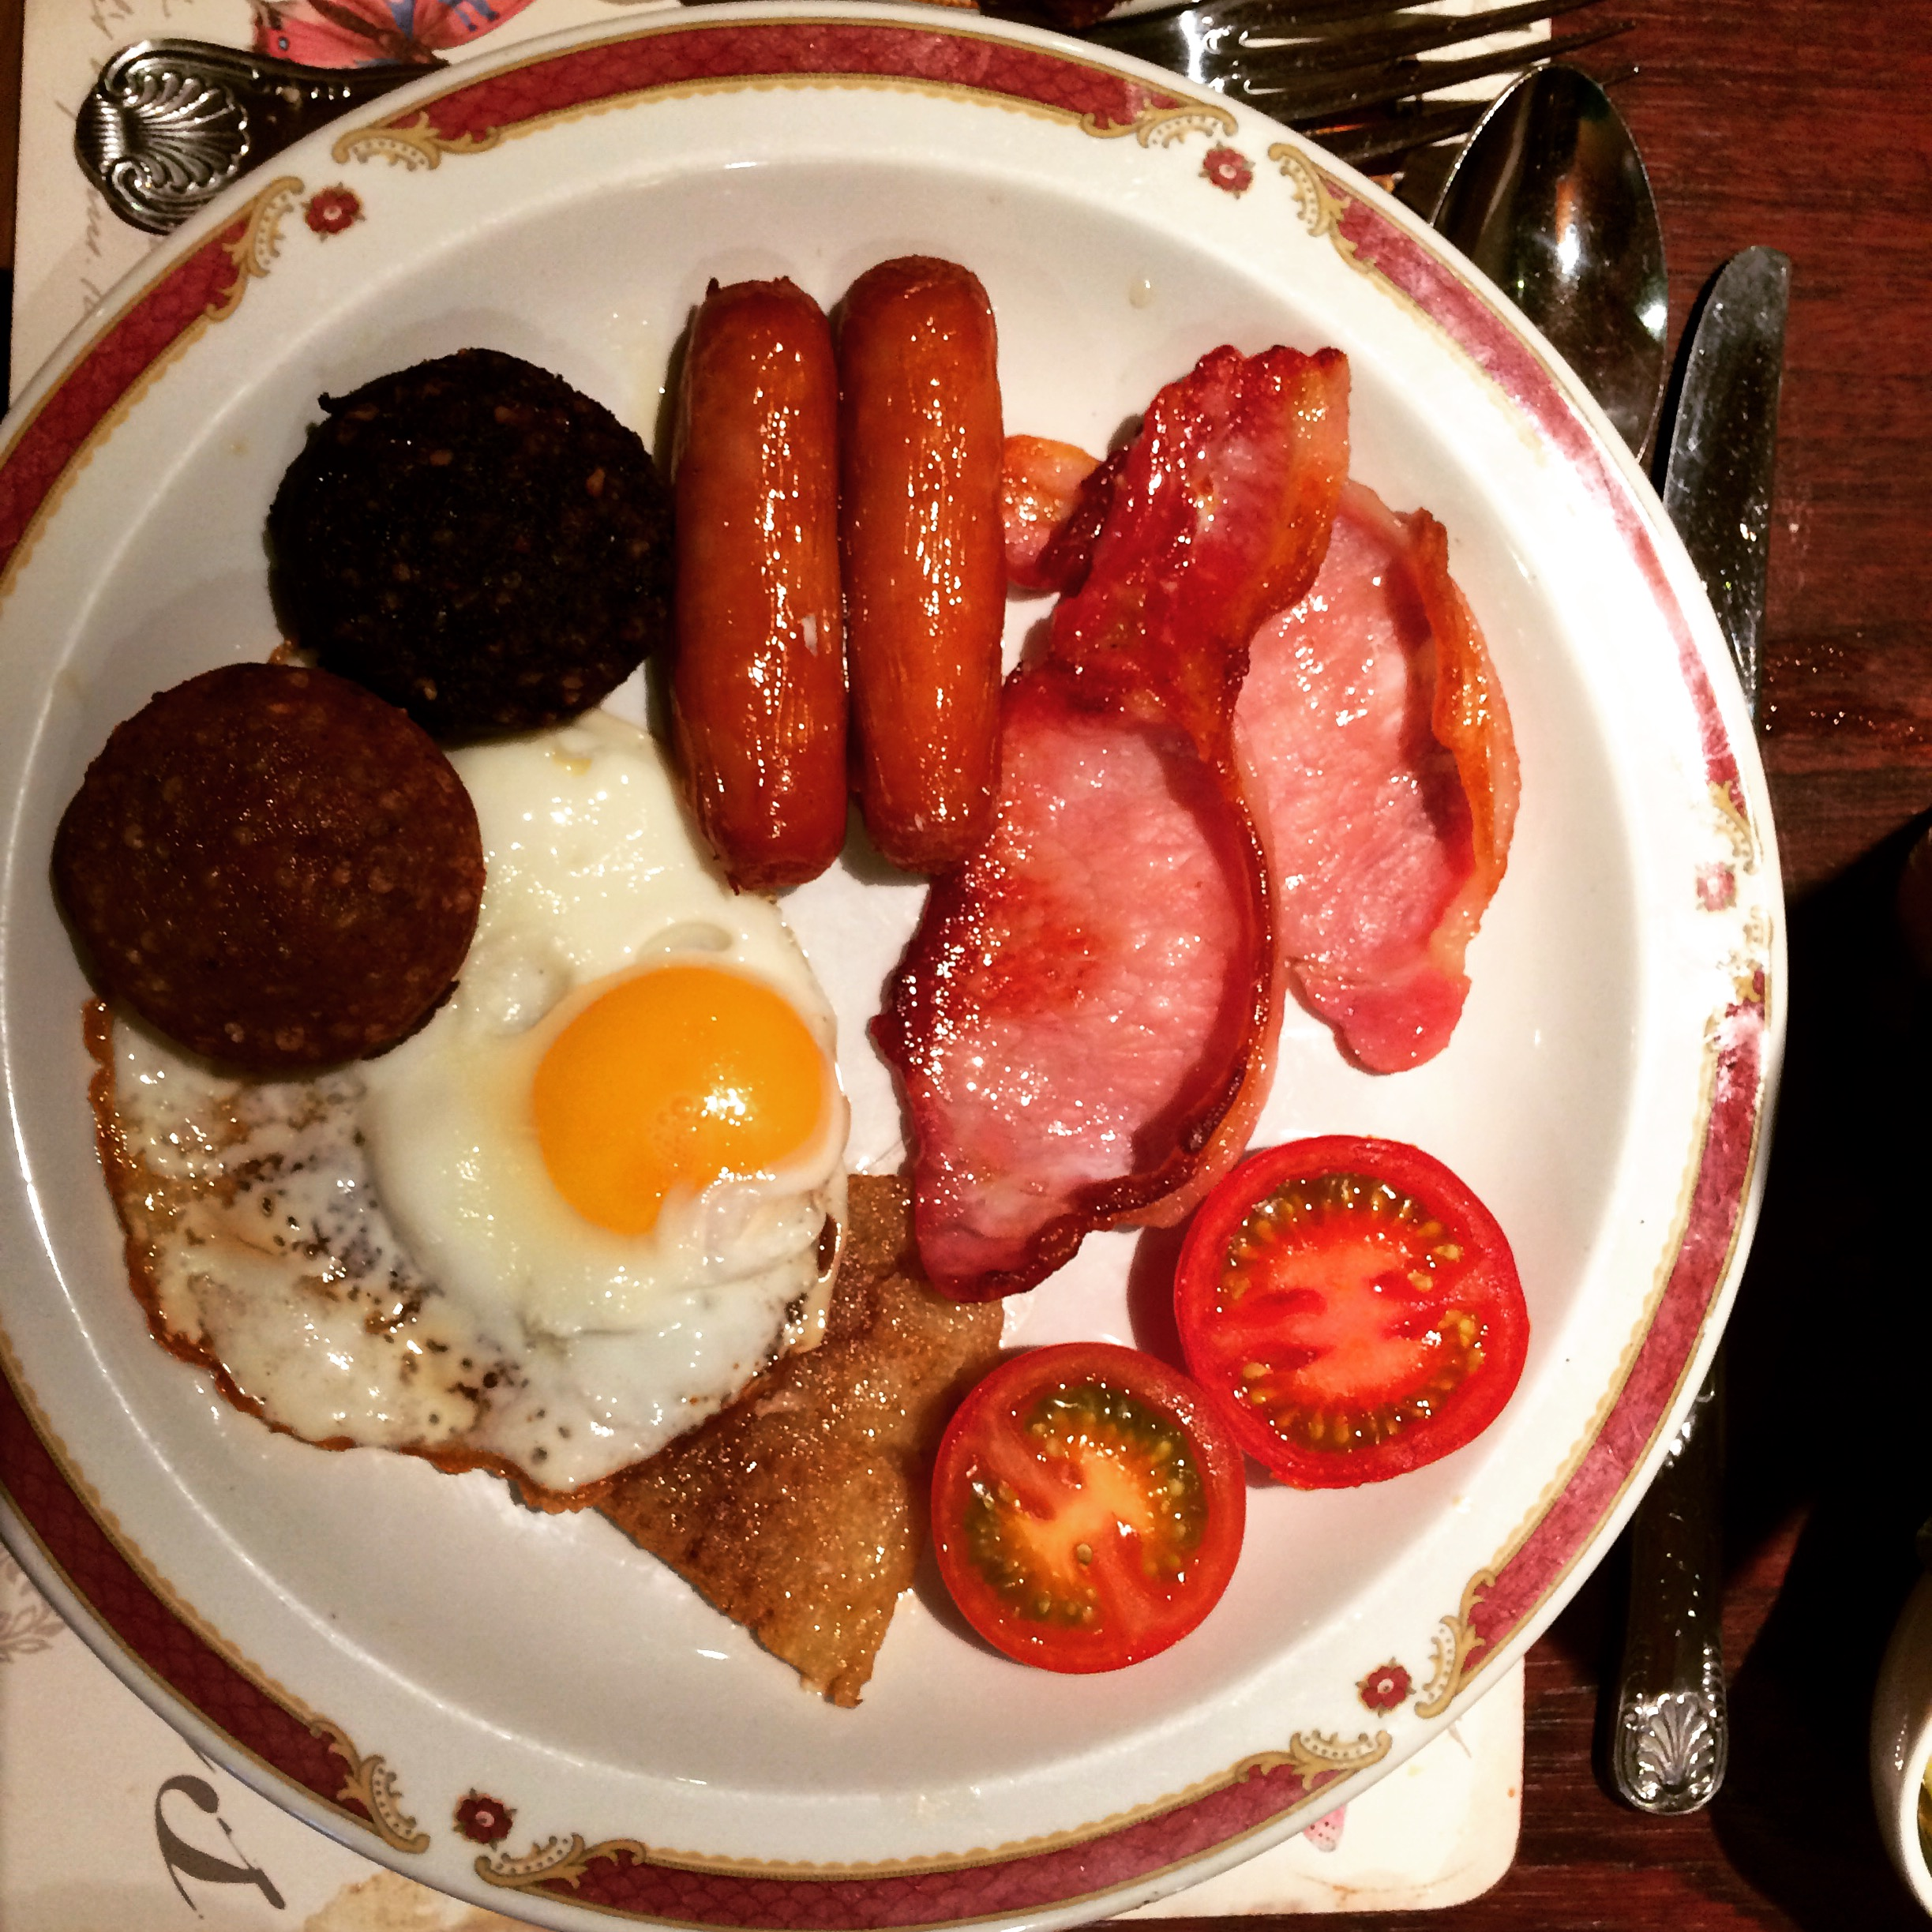 Irish breakfast in Ireland